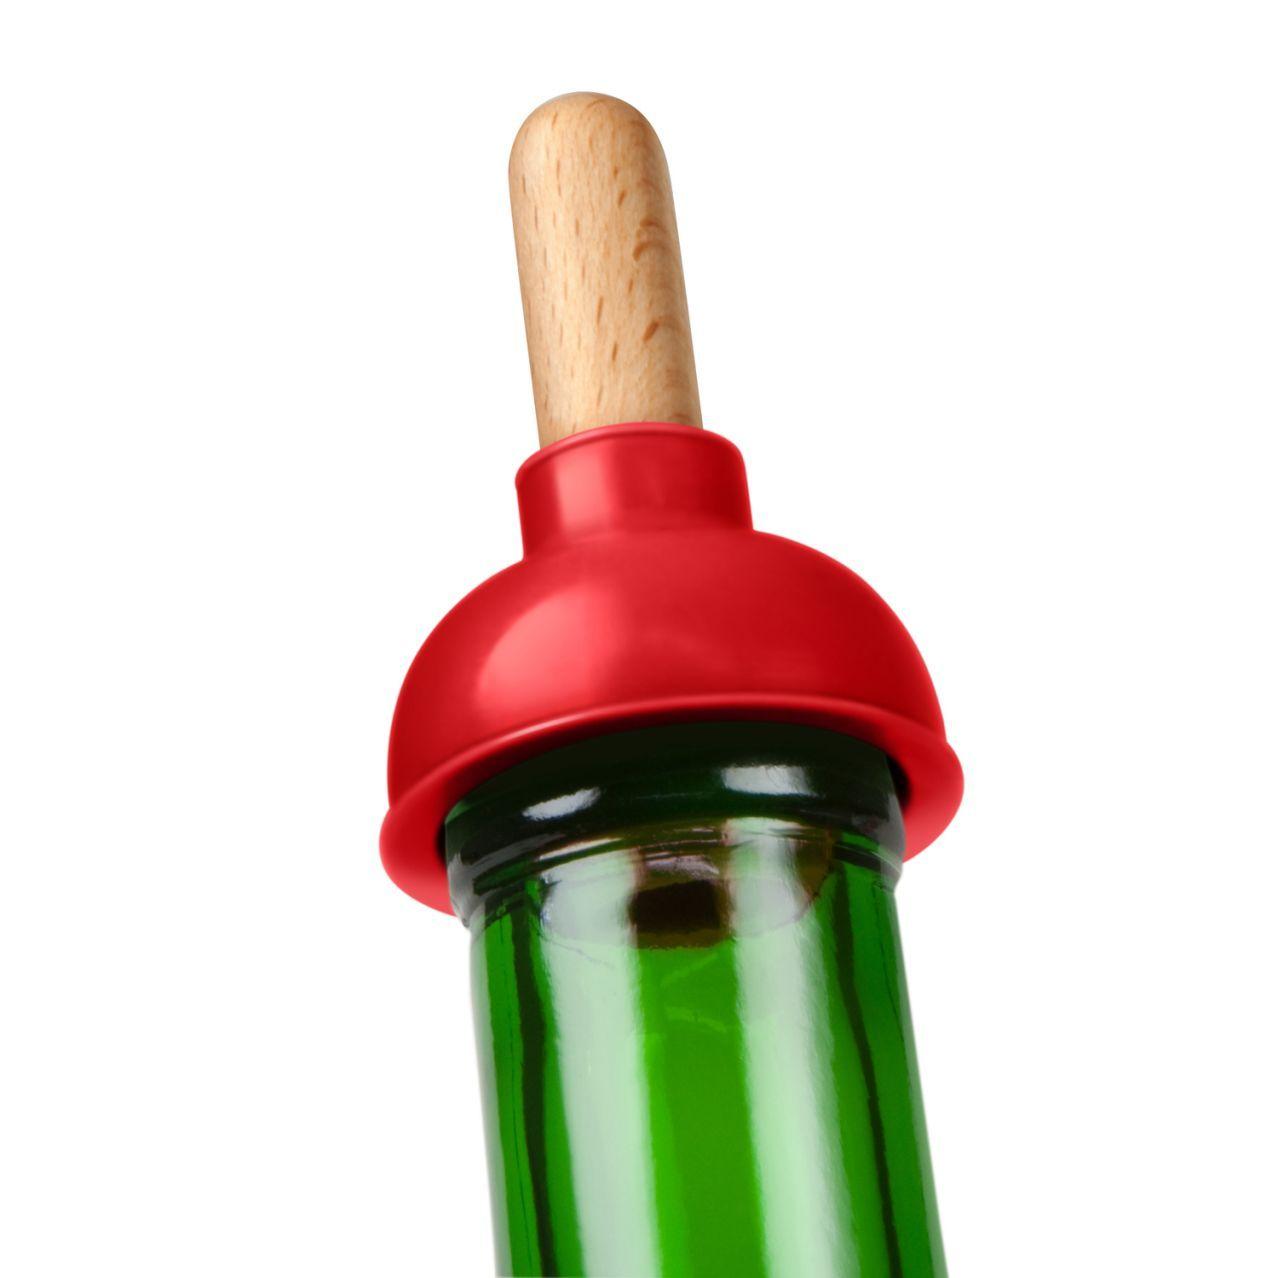 Plunge Bottle Stopper Utila Idee Invenzioni